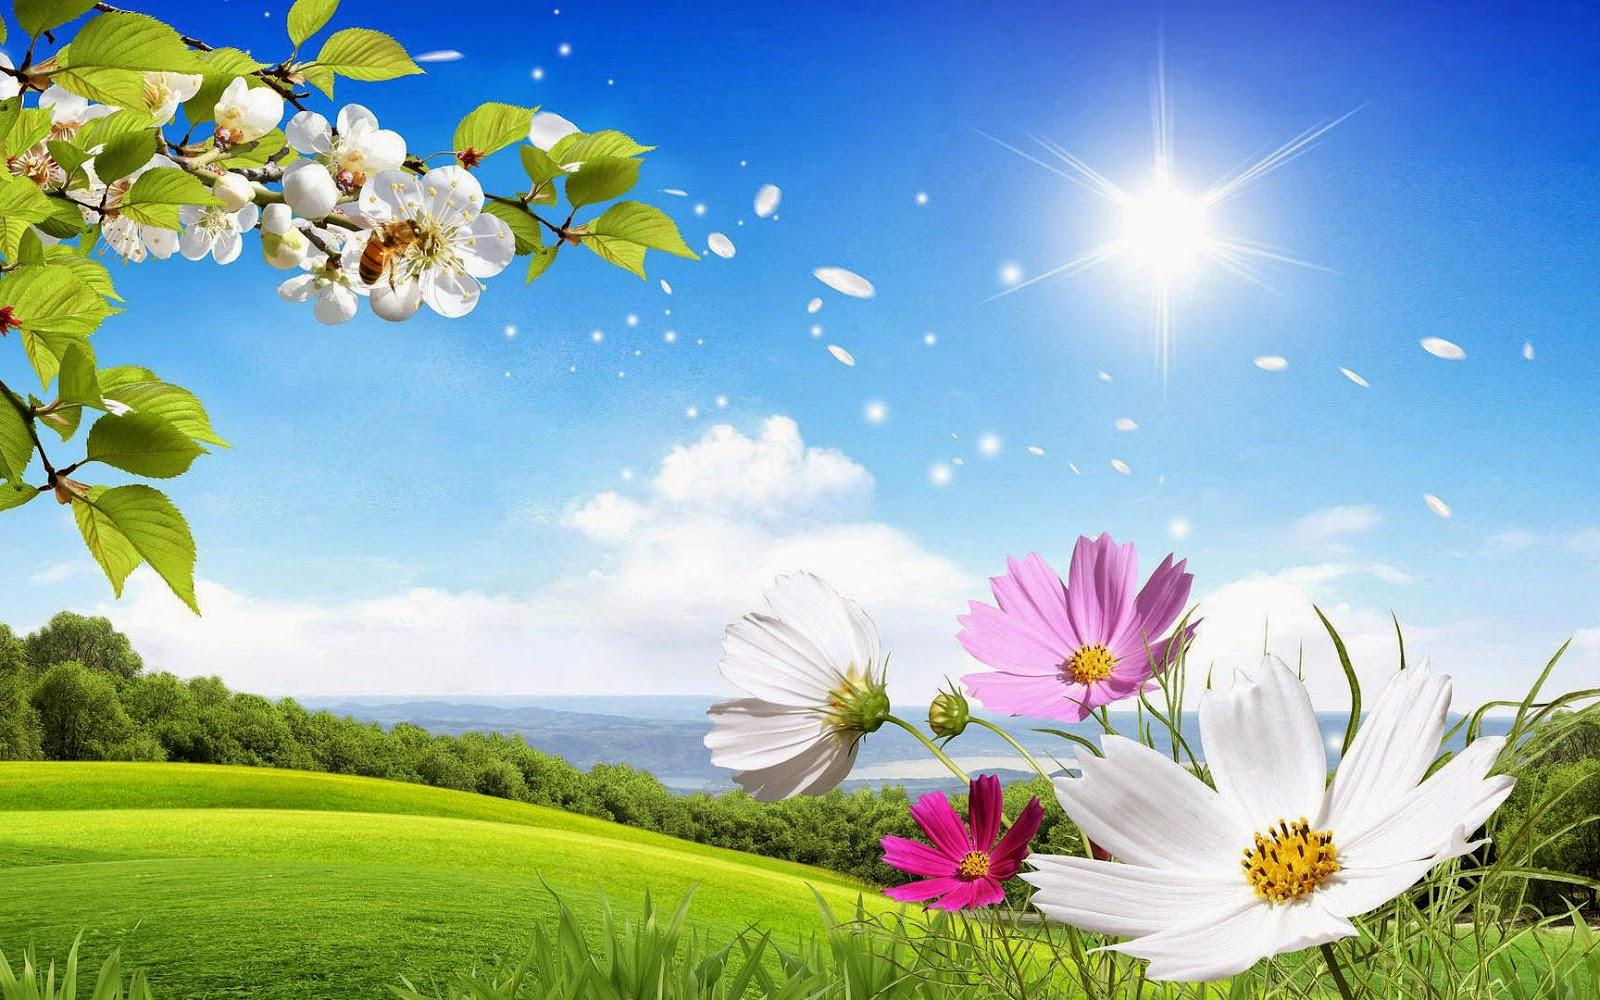 Blauwe lucht, zon, weiland met bloemen